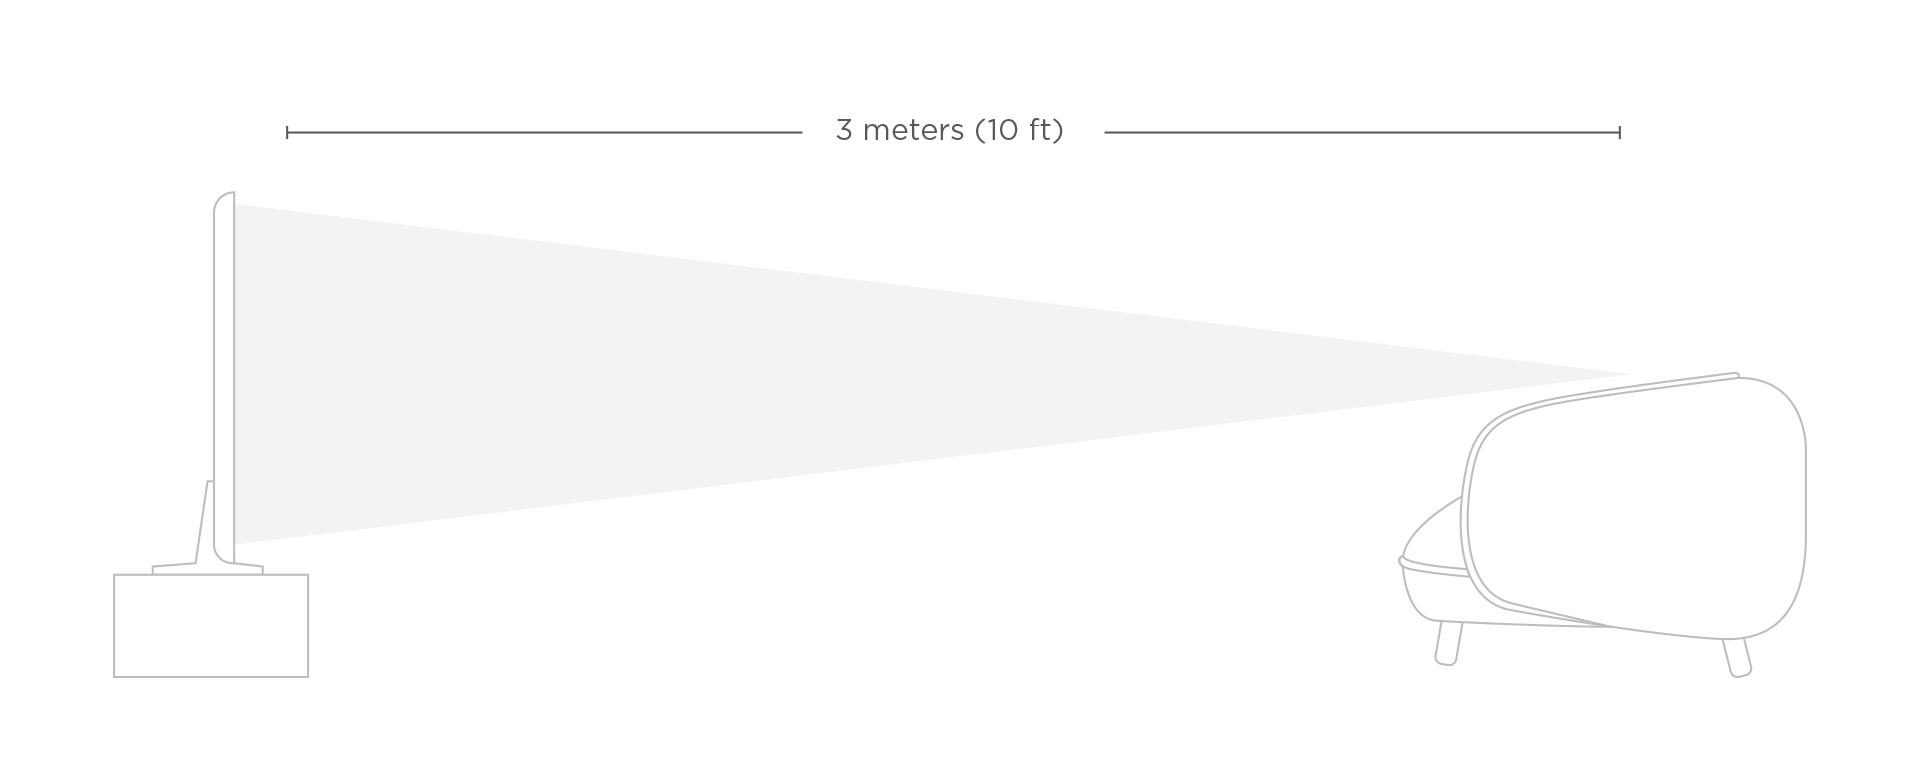 تایپوگرافی خواندن از فاصله 3 متری